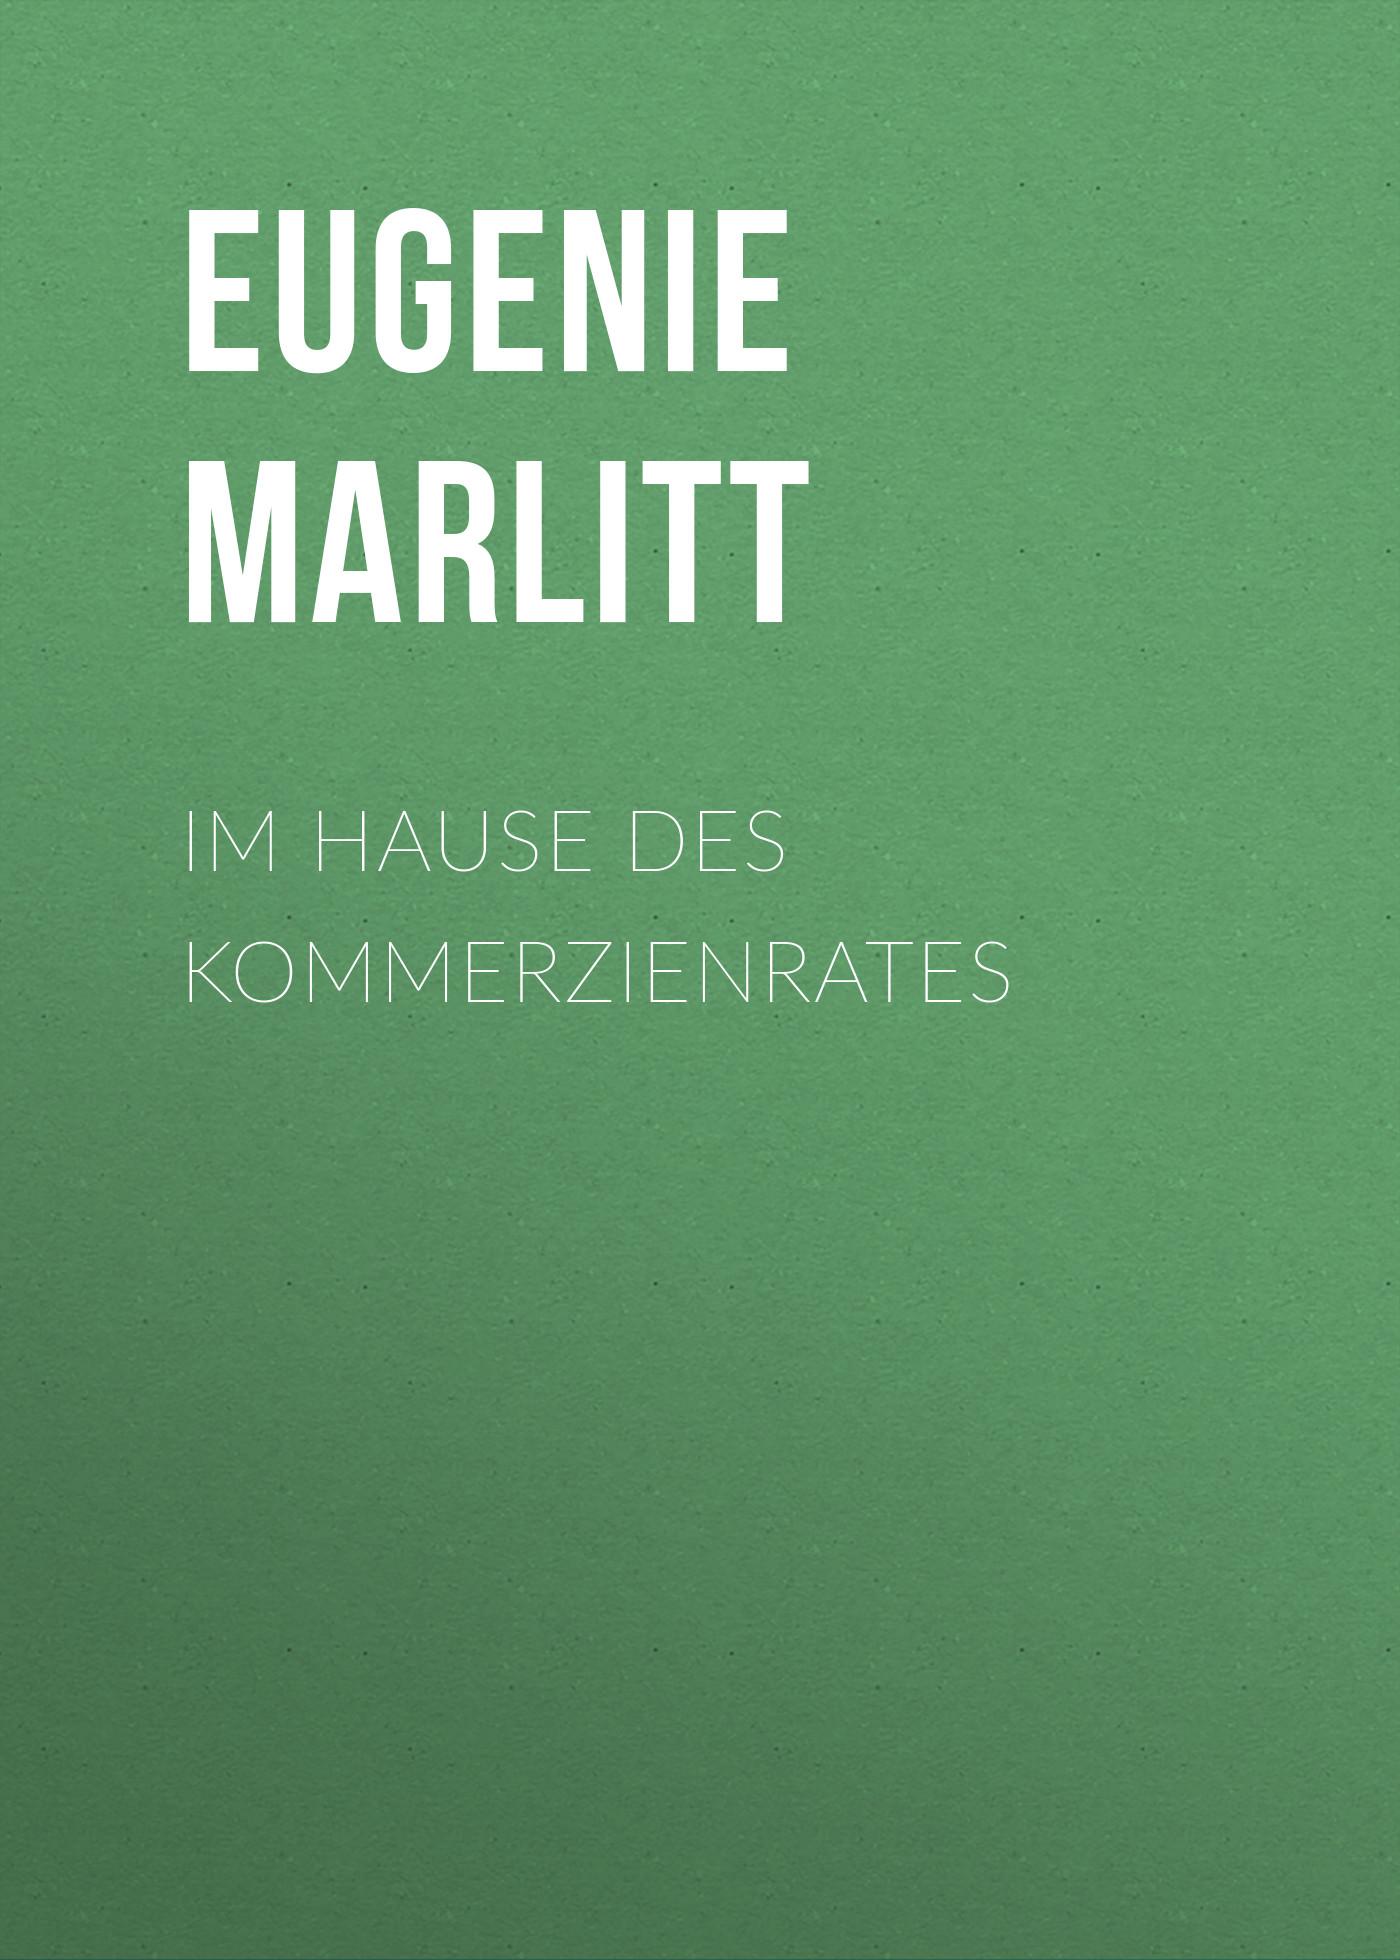 Eugenie Marlitt Im Hause des Kommerzienrates